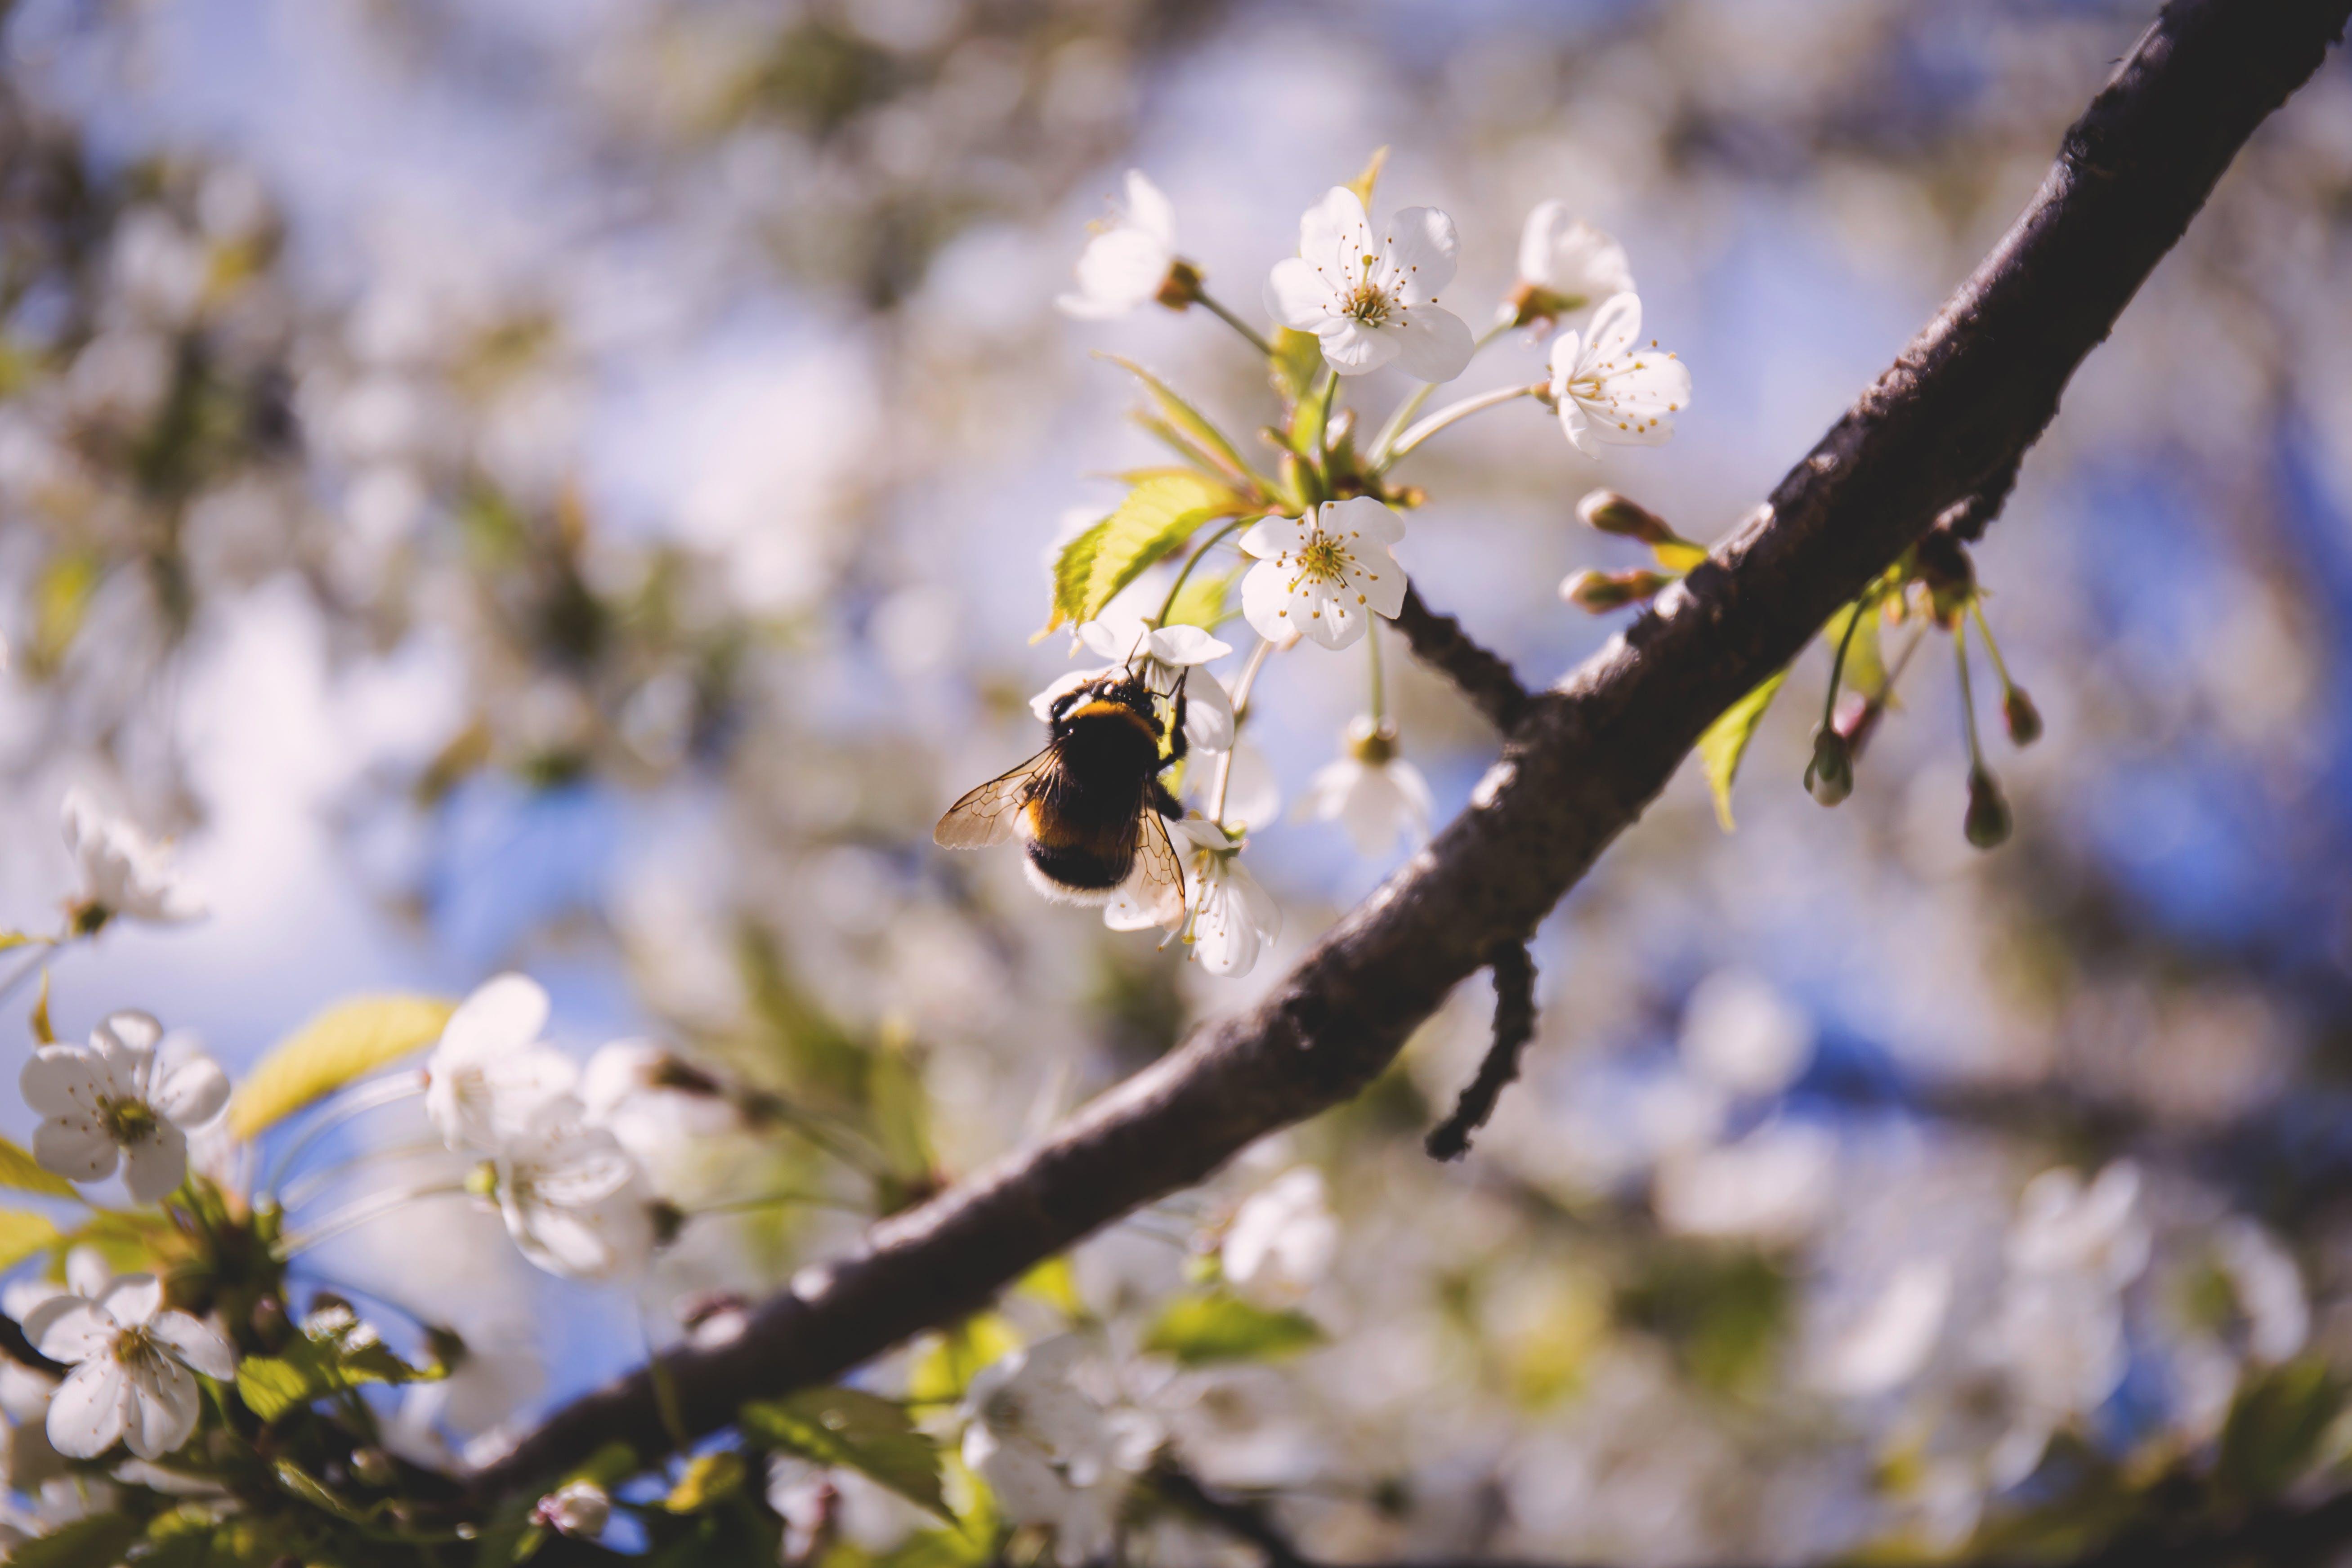 受粉, 小枝, 昆虫, 自然の無料の写真素材